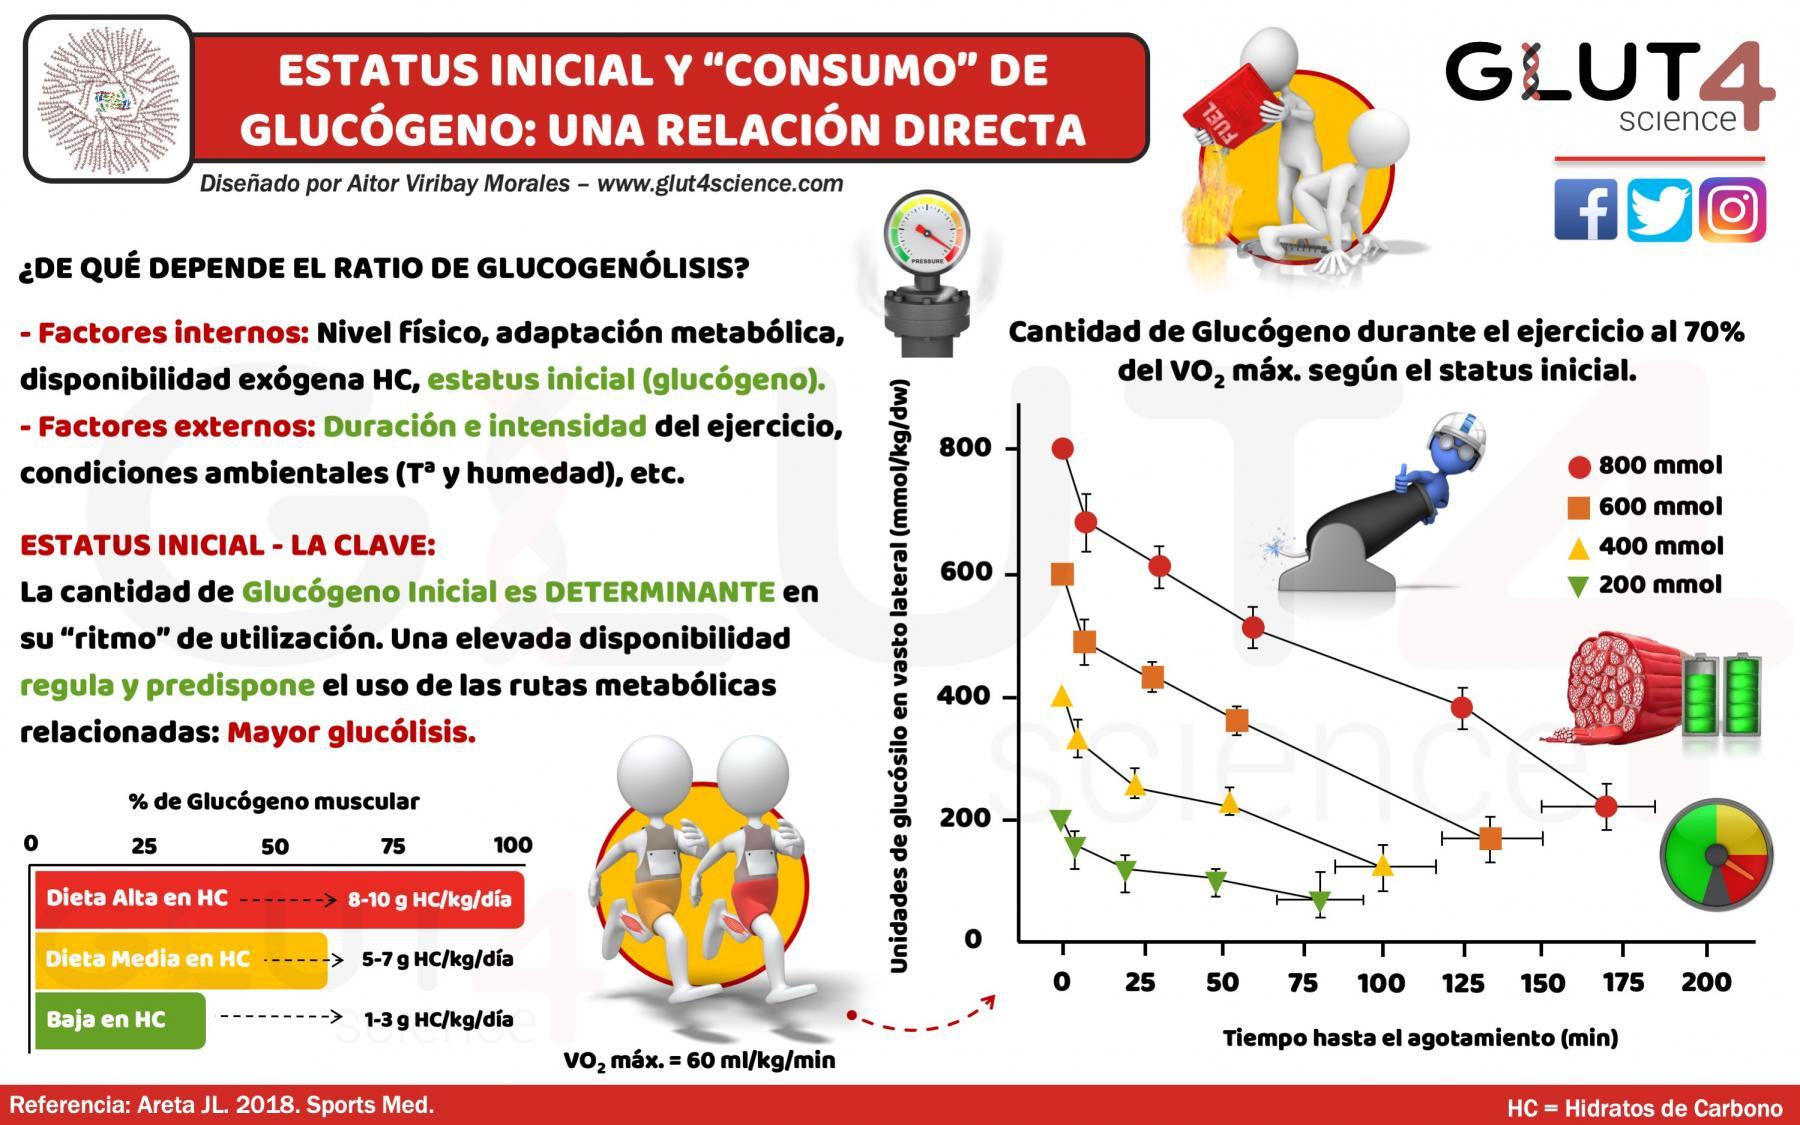 Estatus Inicial y consumo de glucógeno: relación directa